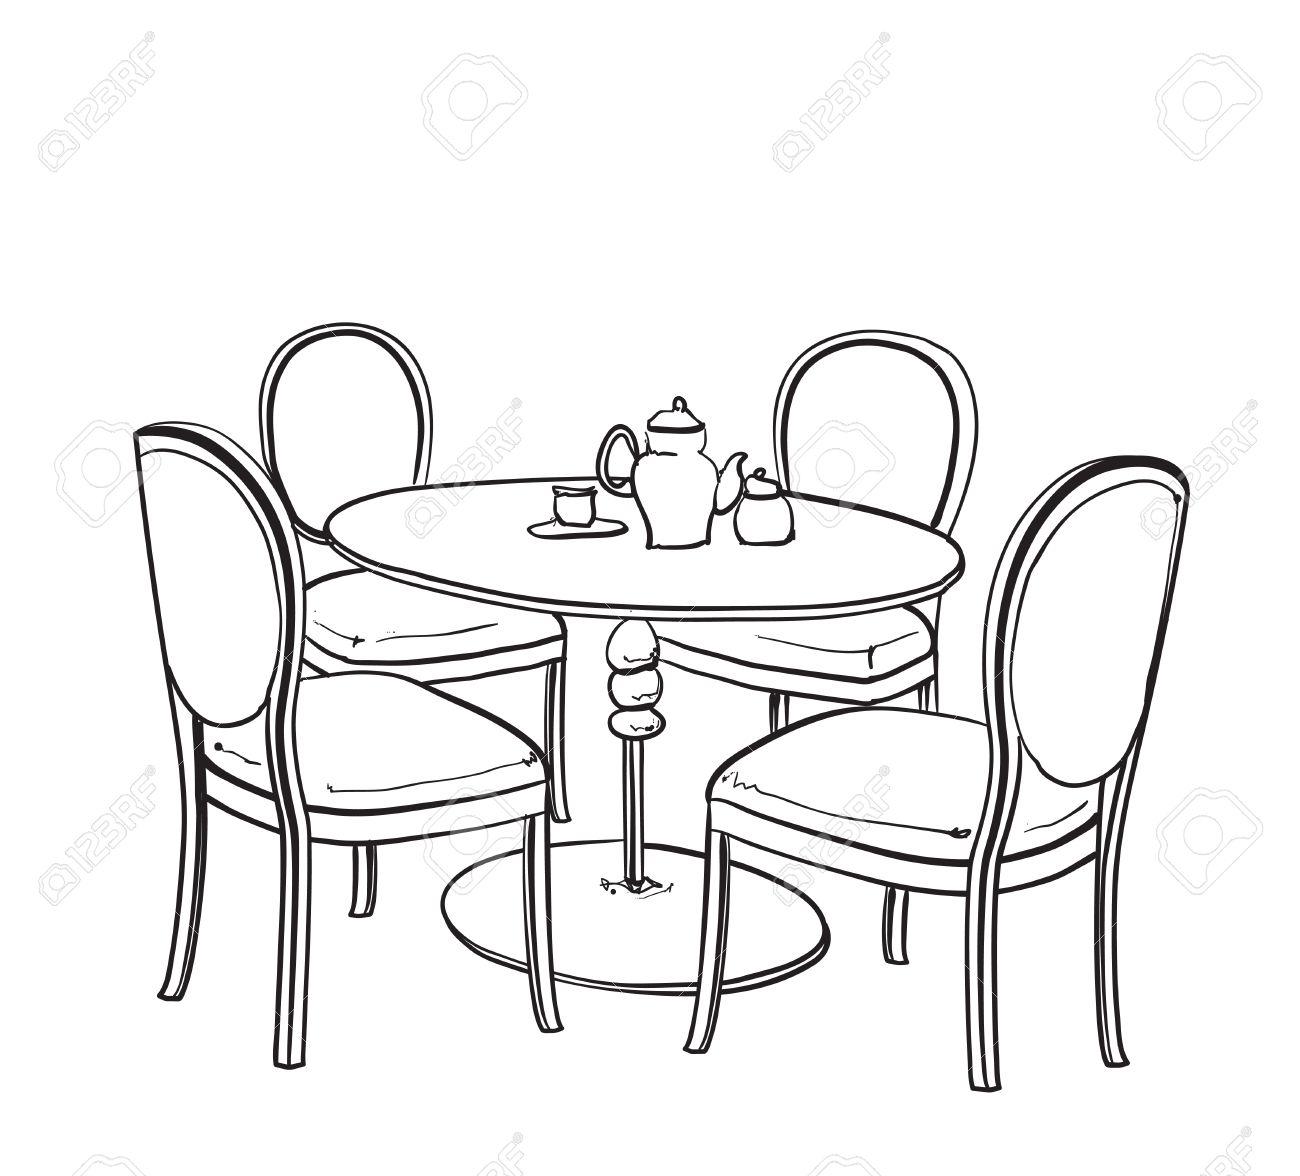 muebles en café del verano. silla y mesa de dibujo ilustraciones ... - Dibujo De Muebles